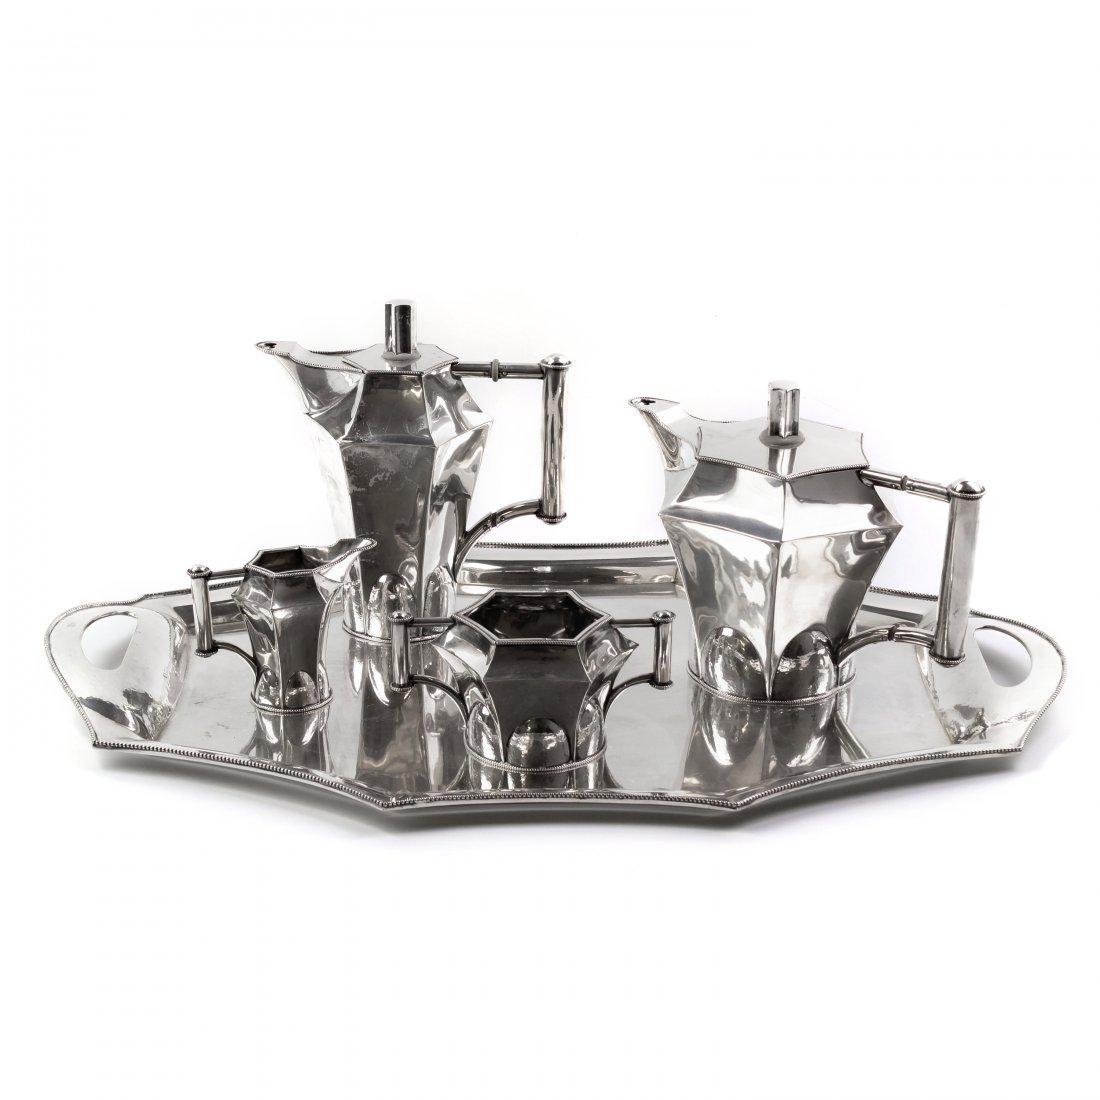 5 Pc Art Nouveau Sterling Silver Tea Service 3054g